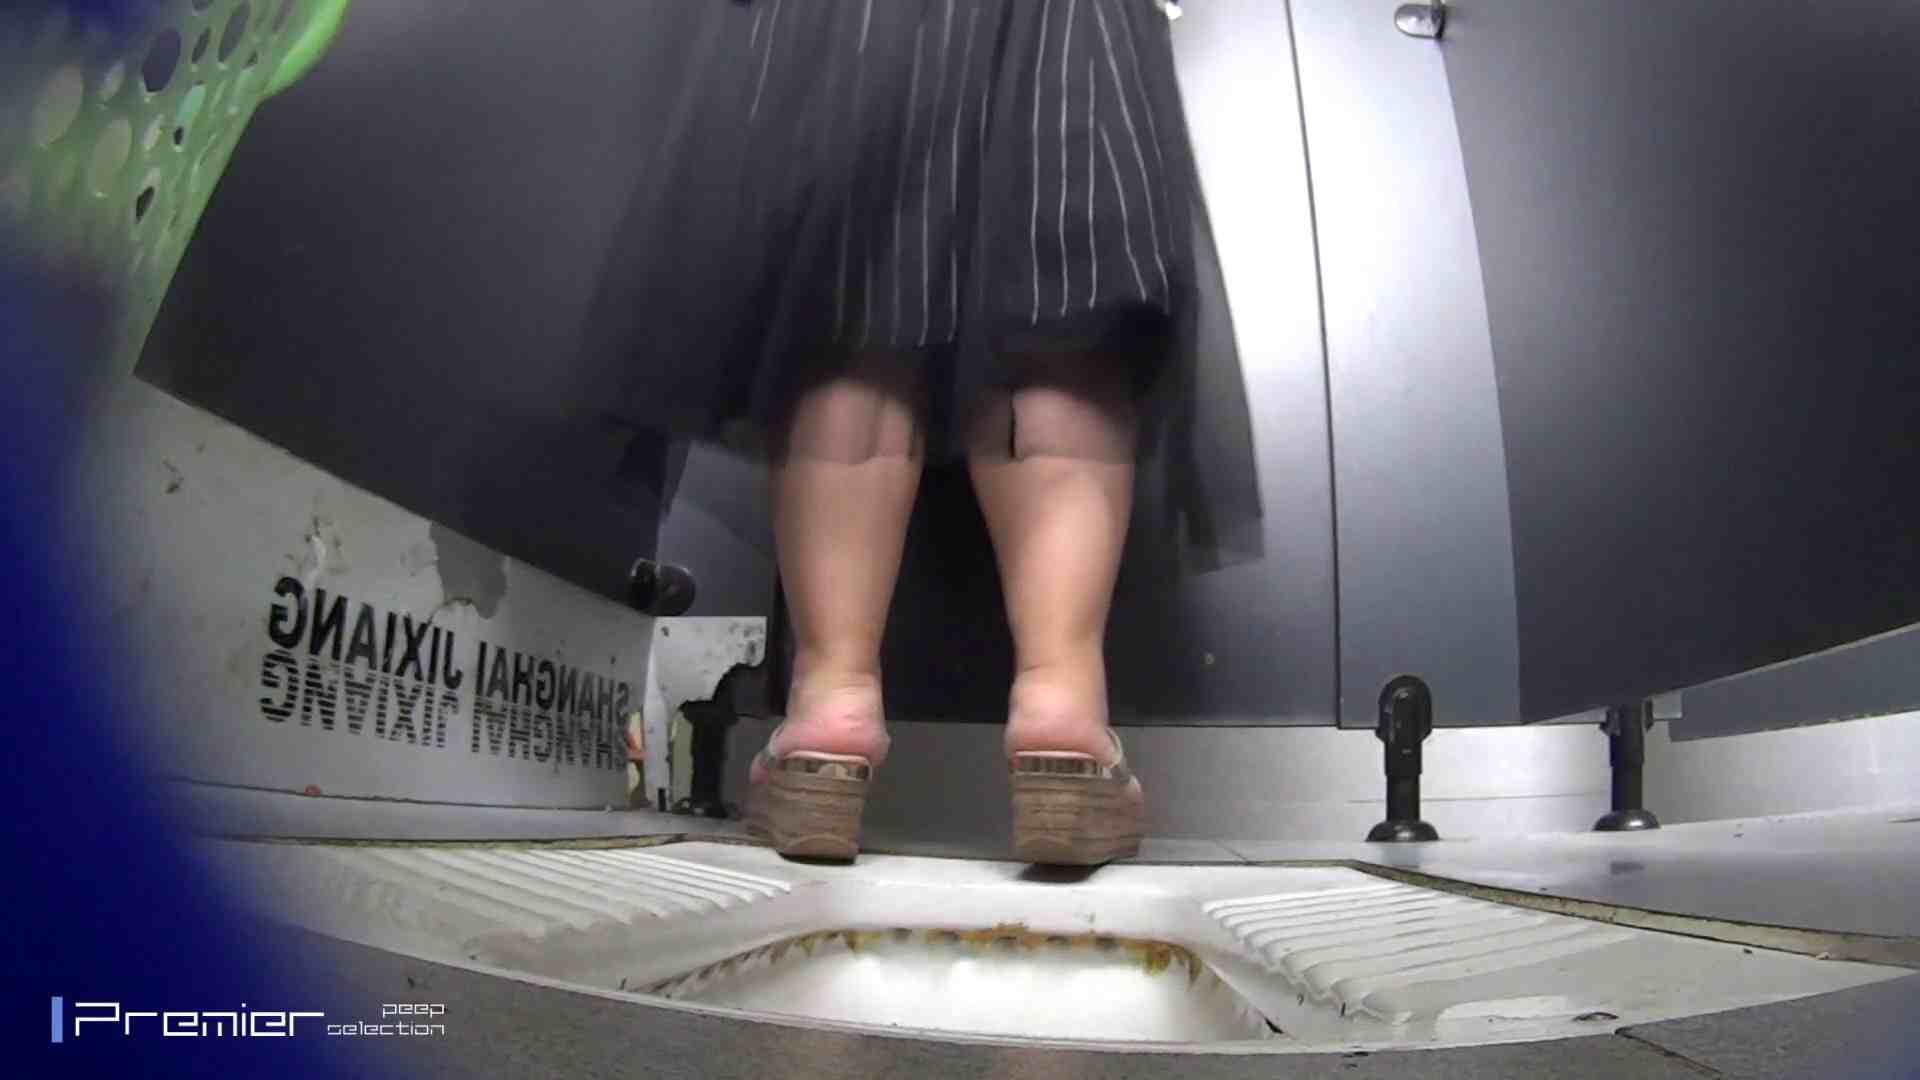 ポチャが多めの洗面所 大学休憩時間の洗面所事情45 美女 のぞきエロ無料画像 105pic 82